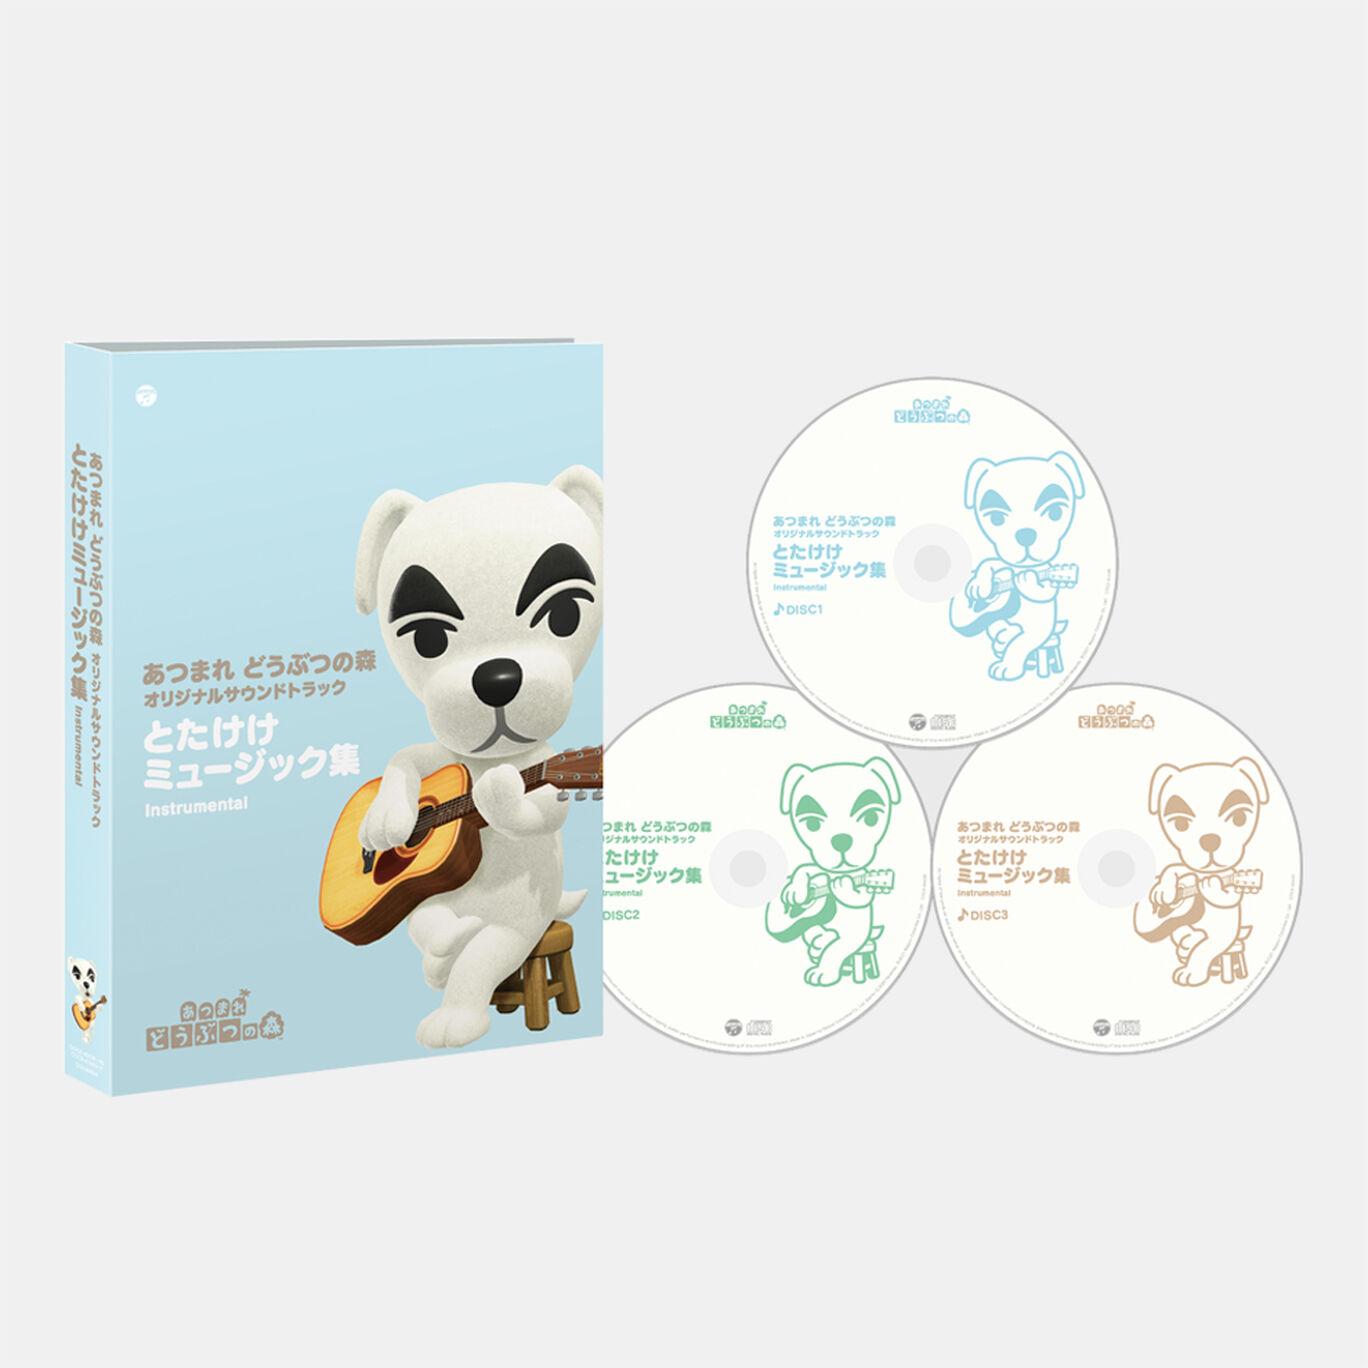 「あつまれ どうぶつの森 」オリジナルサウンドトラック とたけけミュージック集 Instrumental